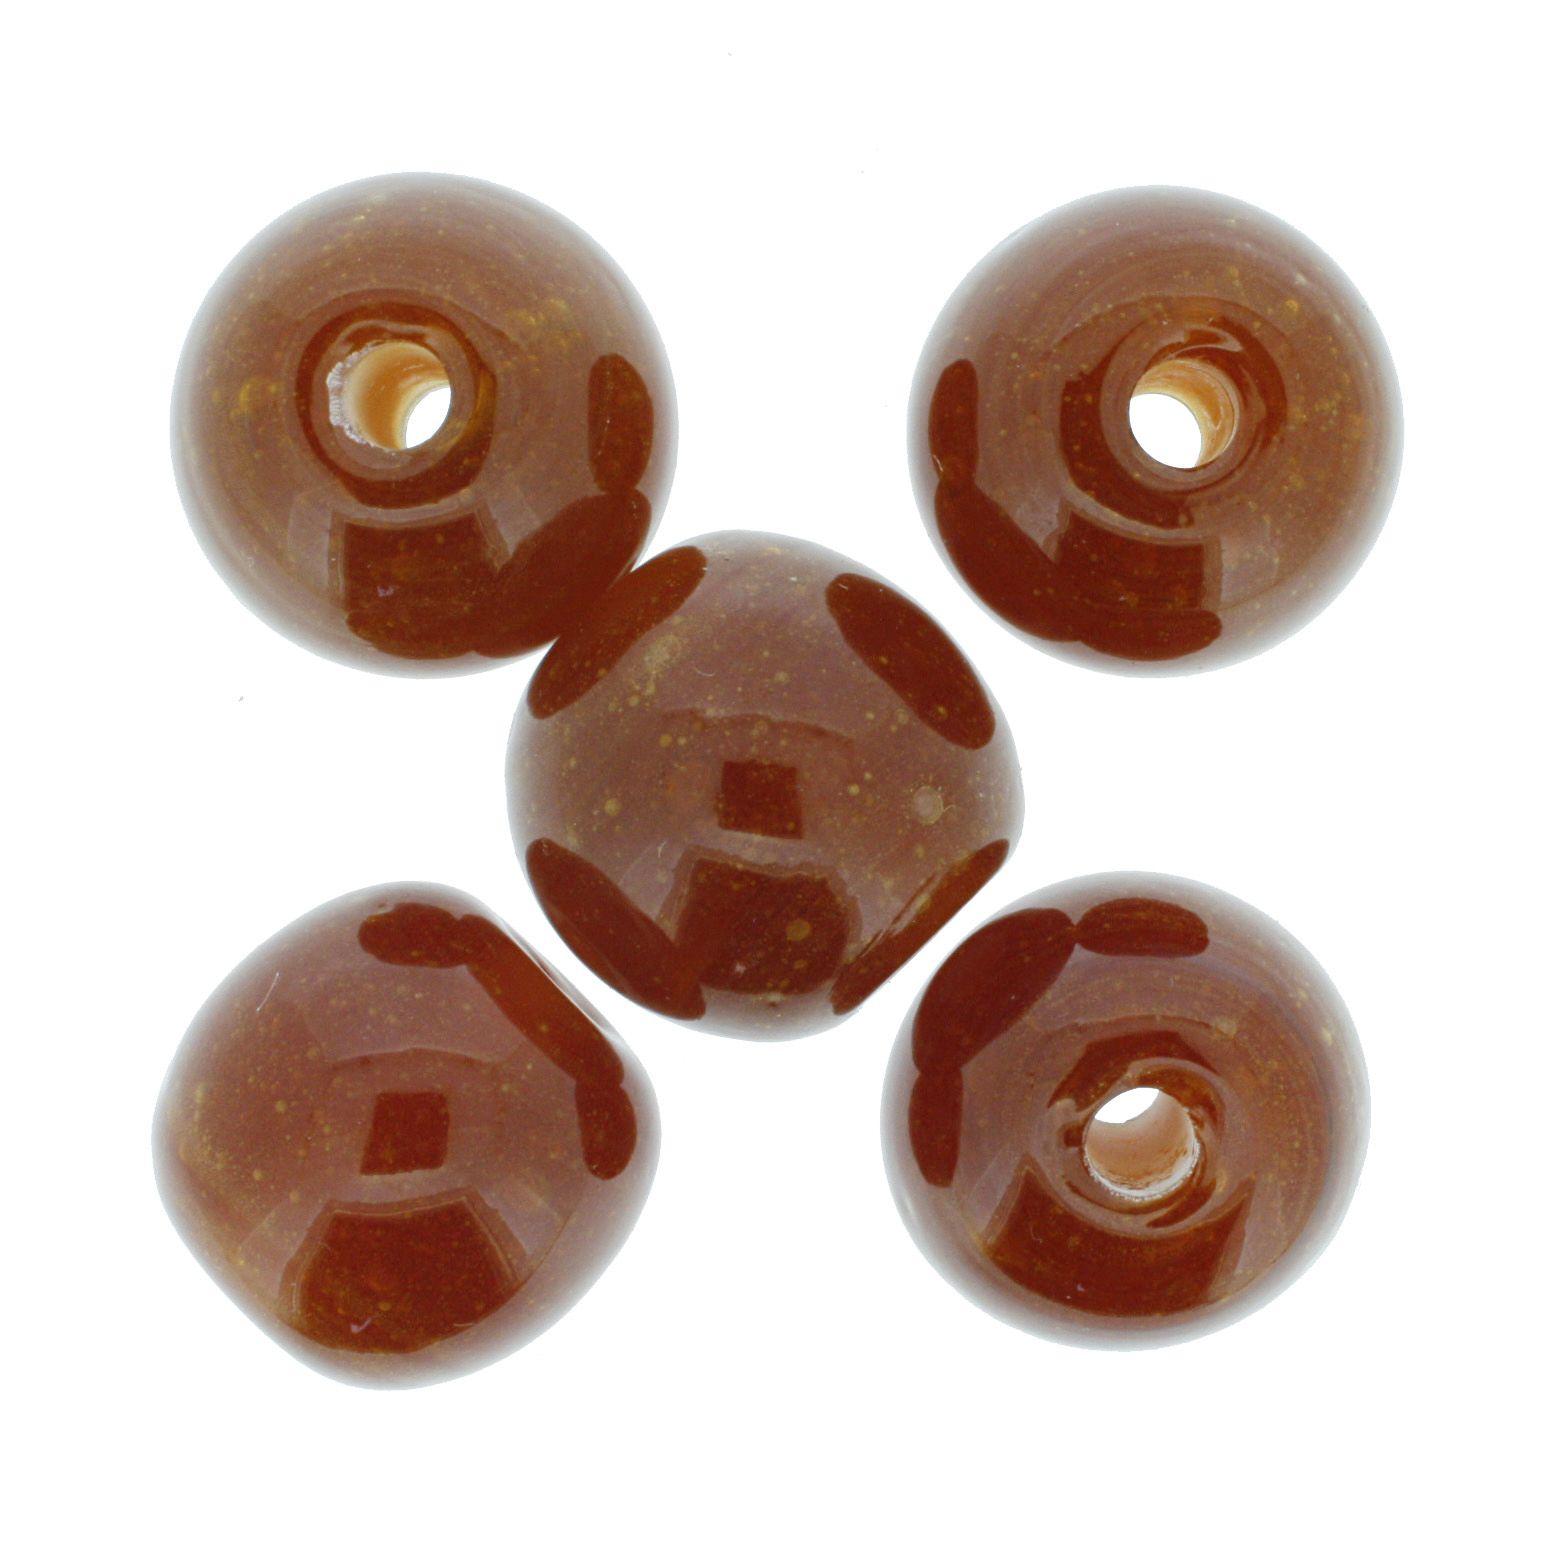 Firma Bola GG - Âmbar - 25mm  - Stéphanie Bijoux® - Peças para Bijuterias e Artesanato